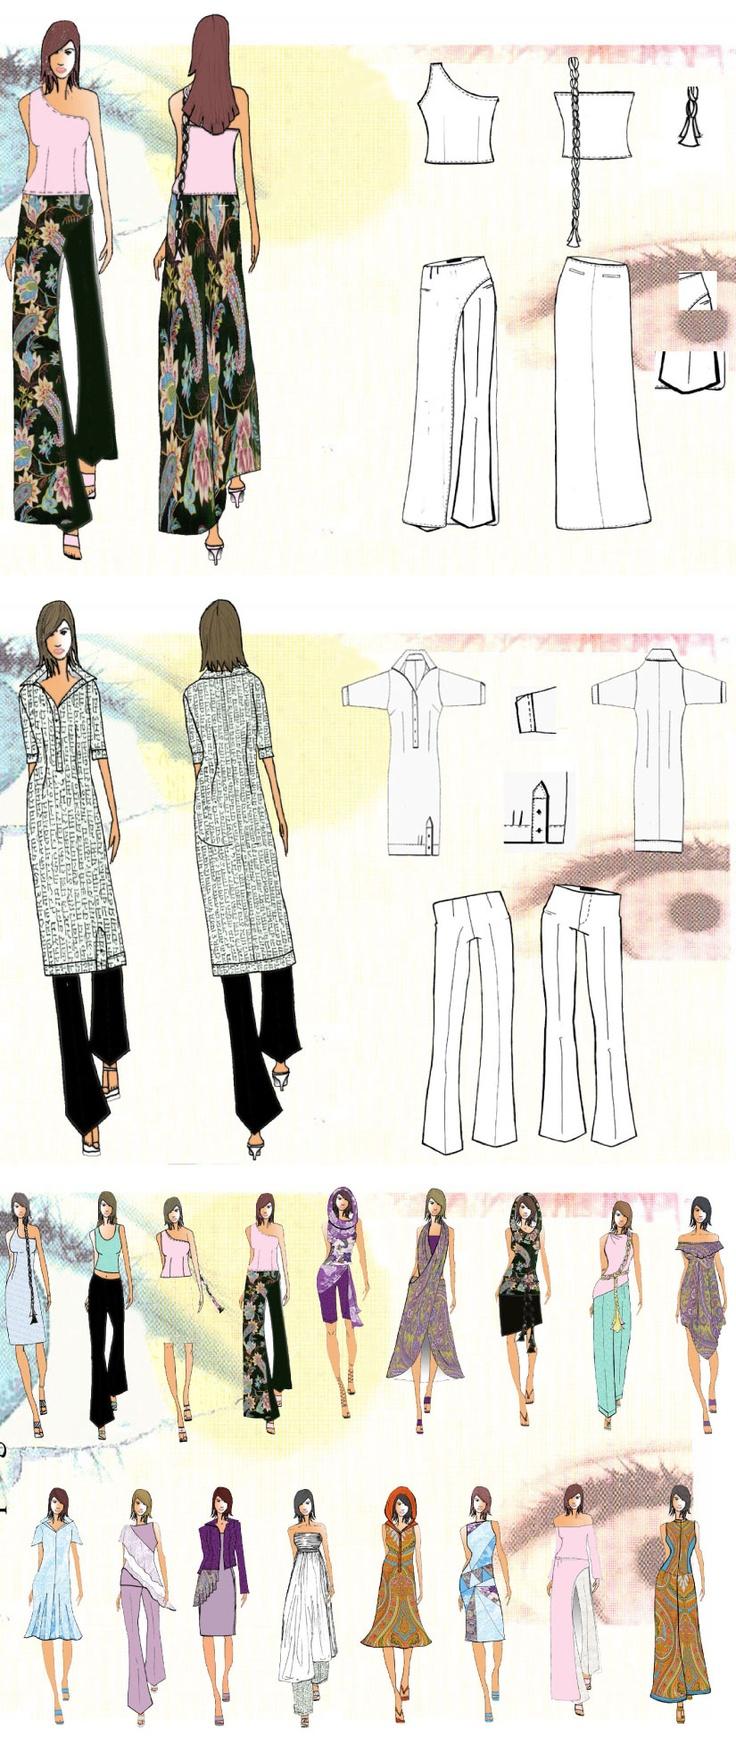 indian contemporary fashion | moda contemporânea indiana | croquis | sketches